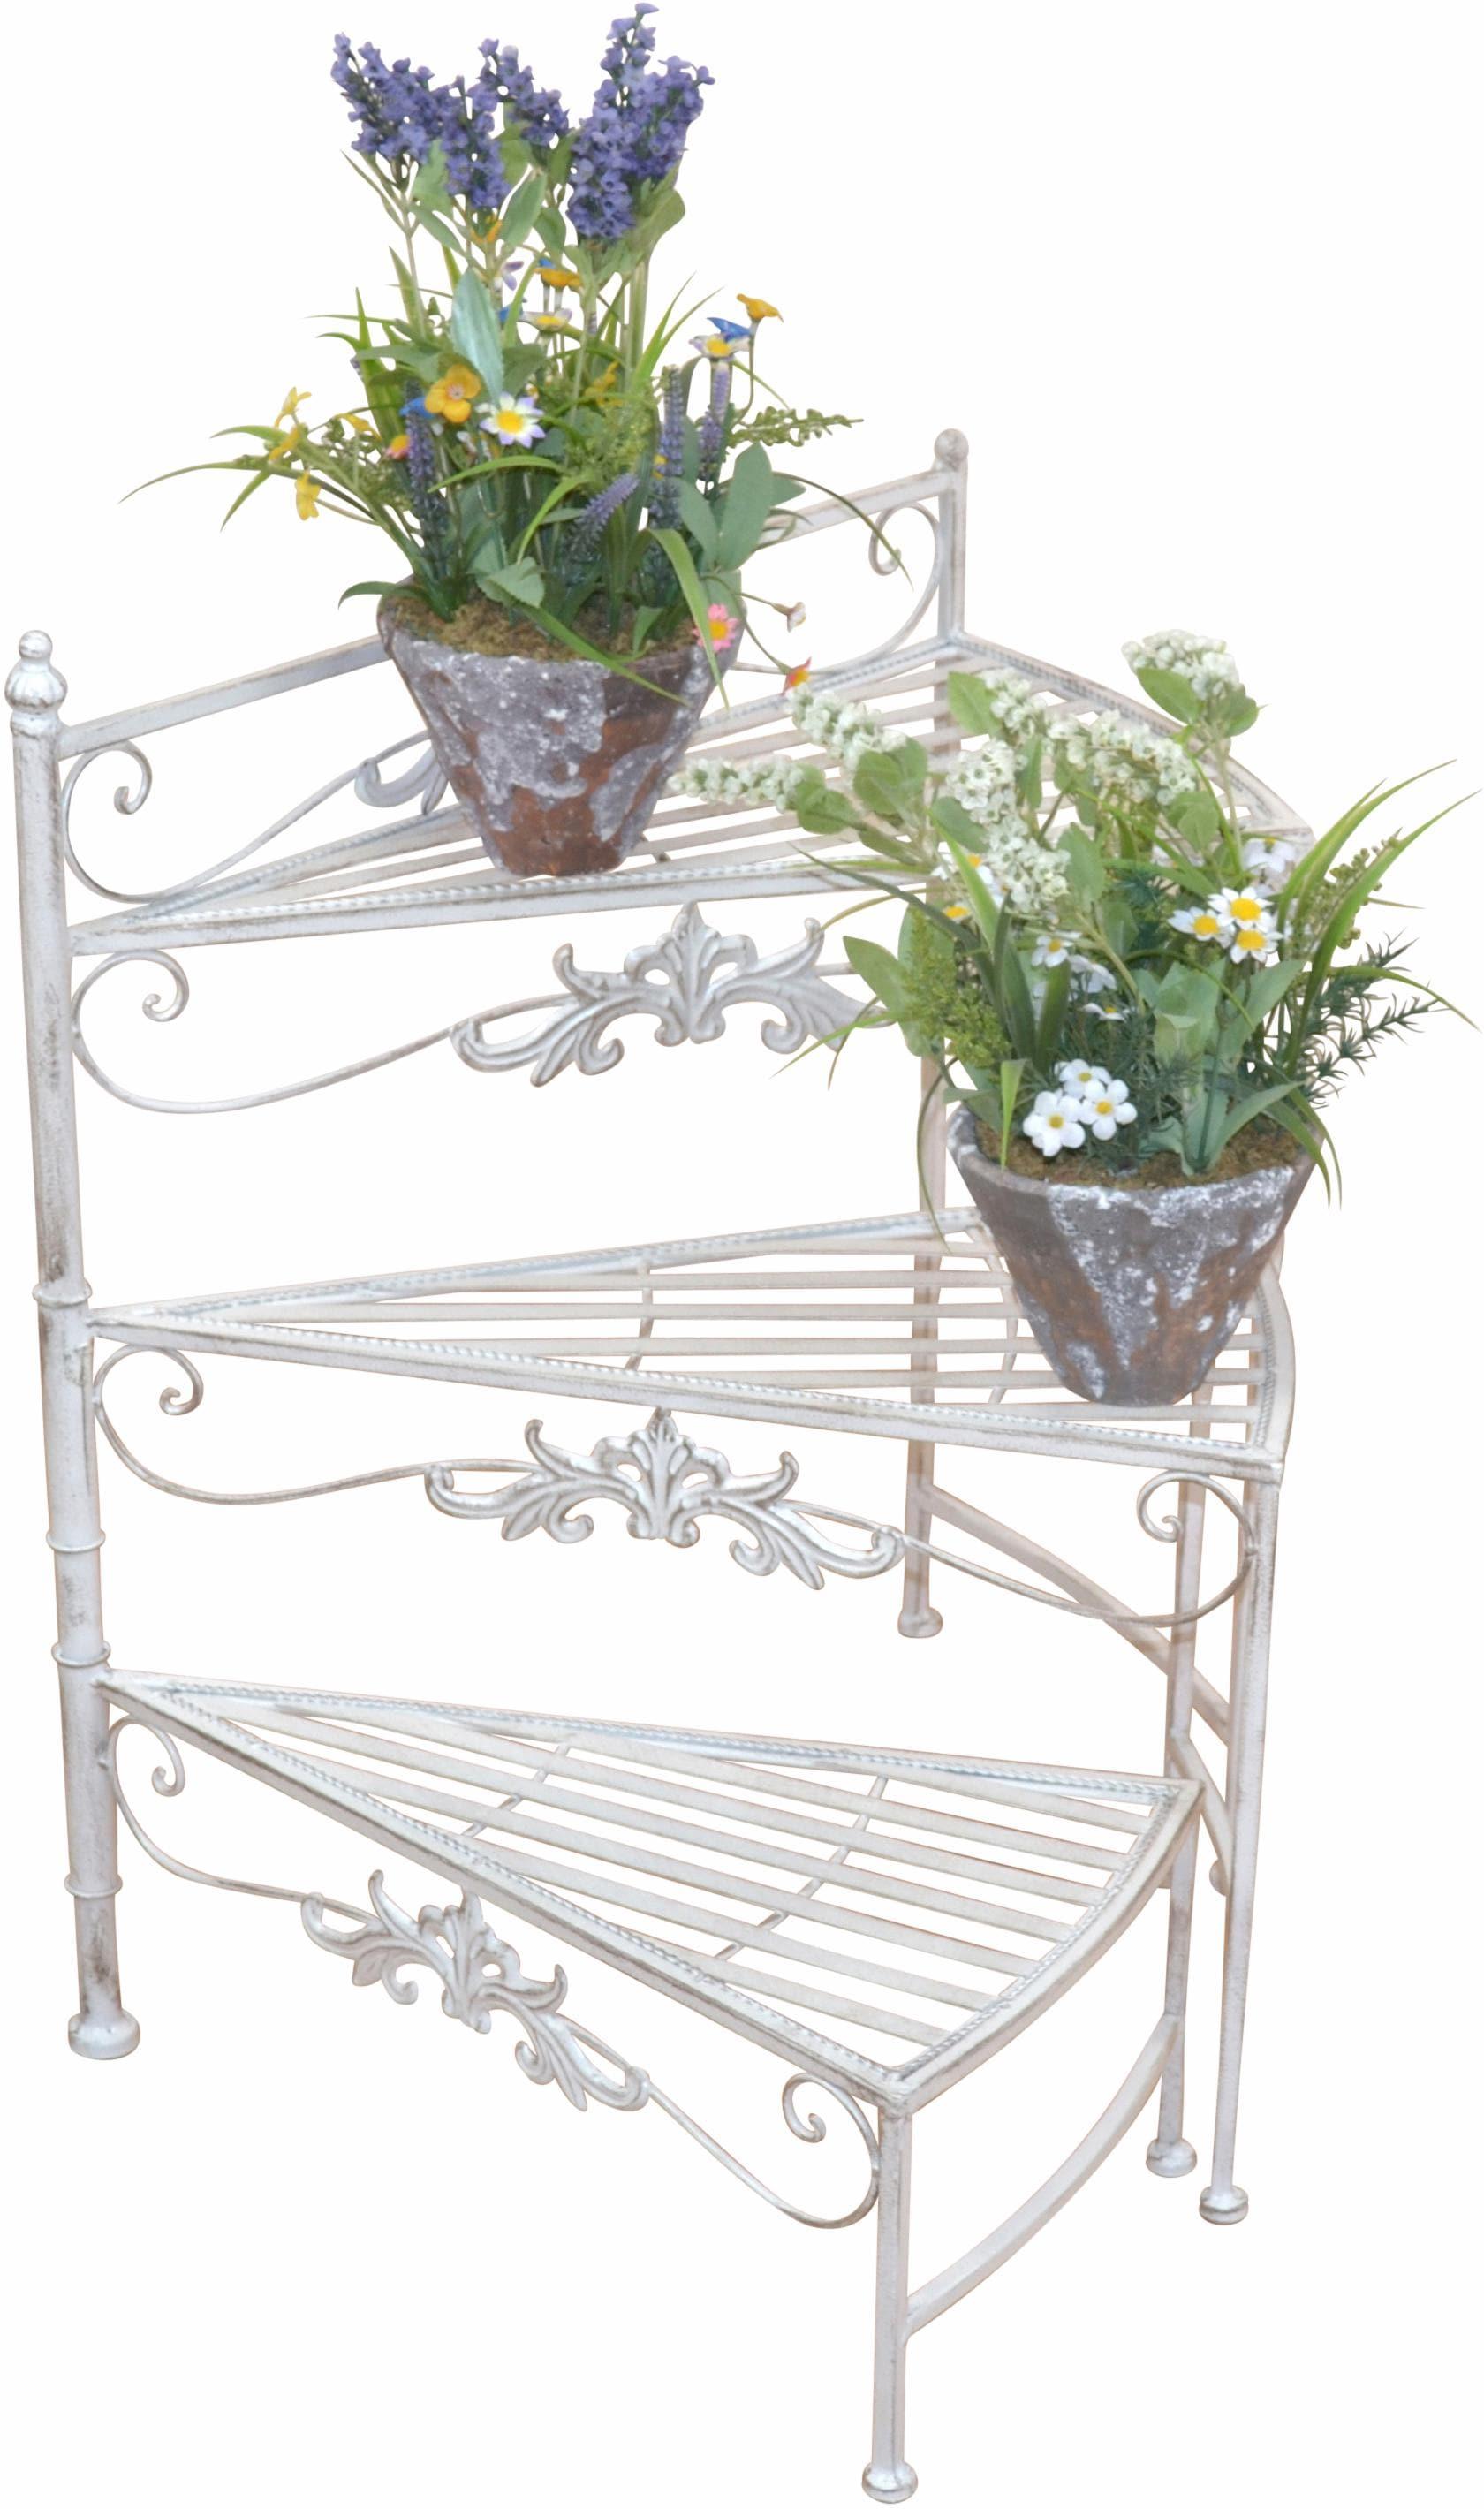 Home affaire Blumenständer Treppe | Baumarkt > Leitern und Treppen | Beige | home affaire